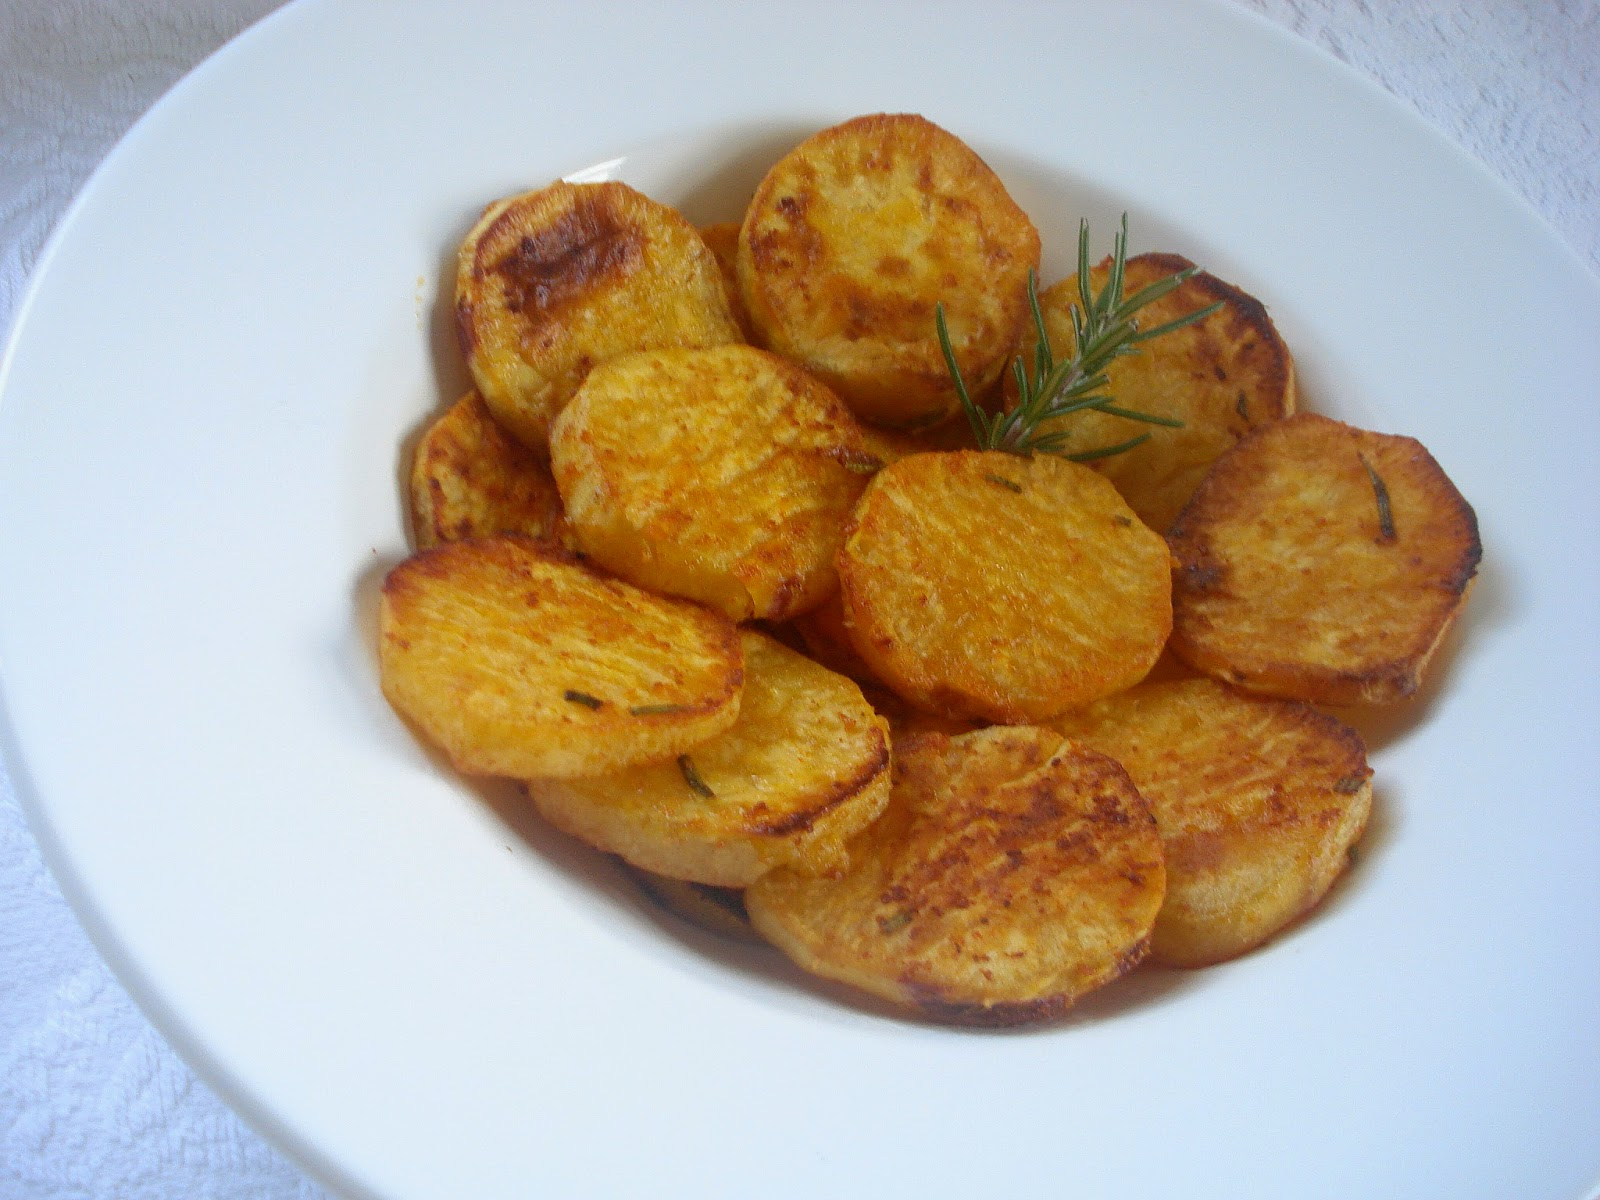 Batata doce com especiarias